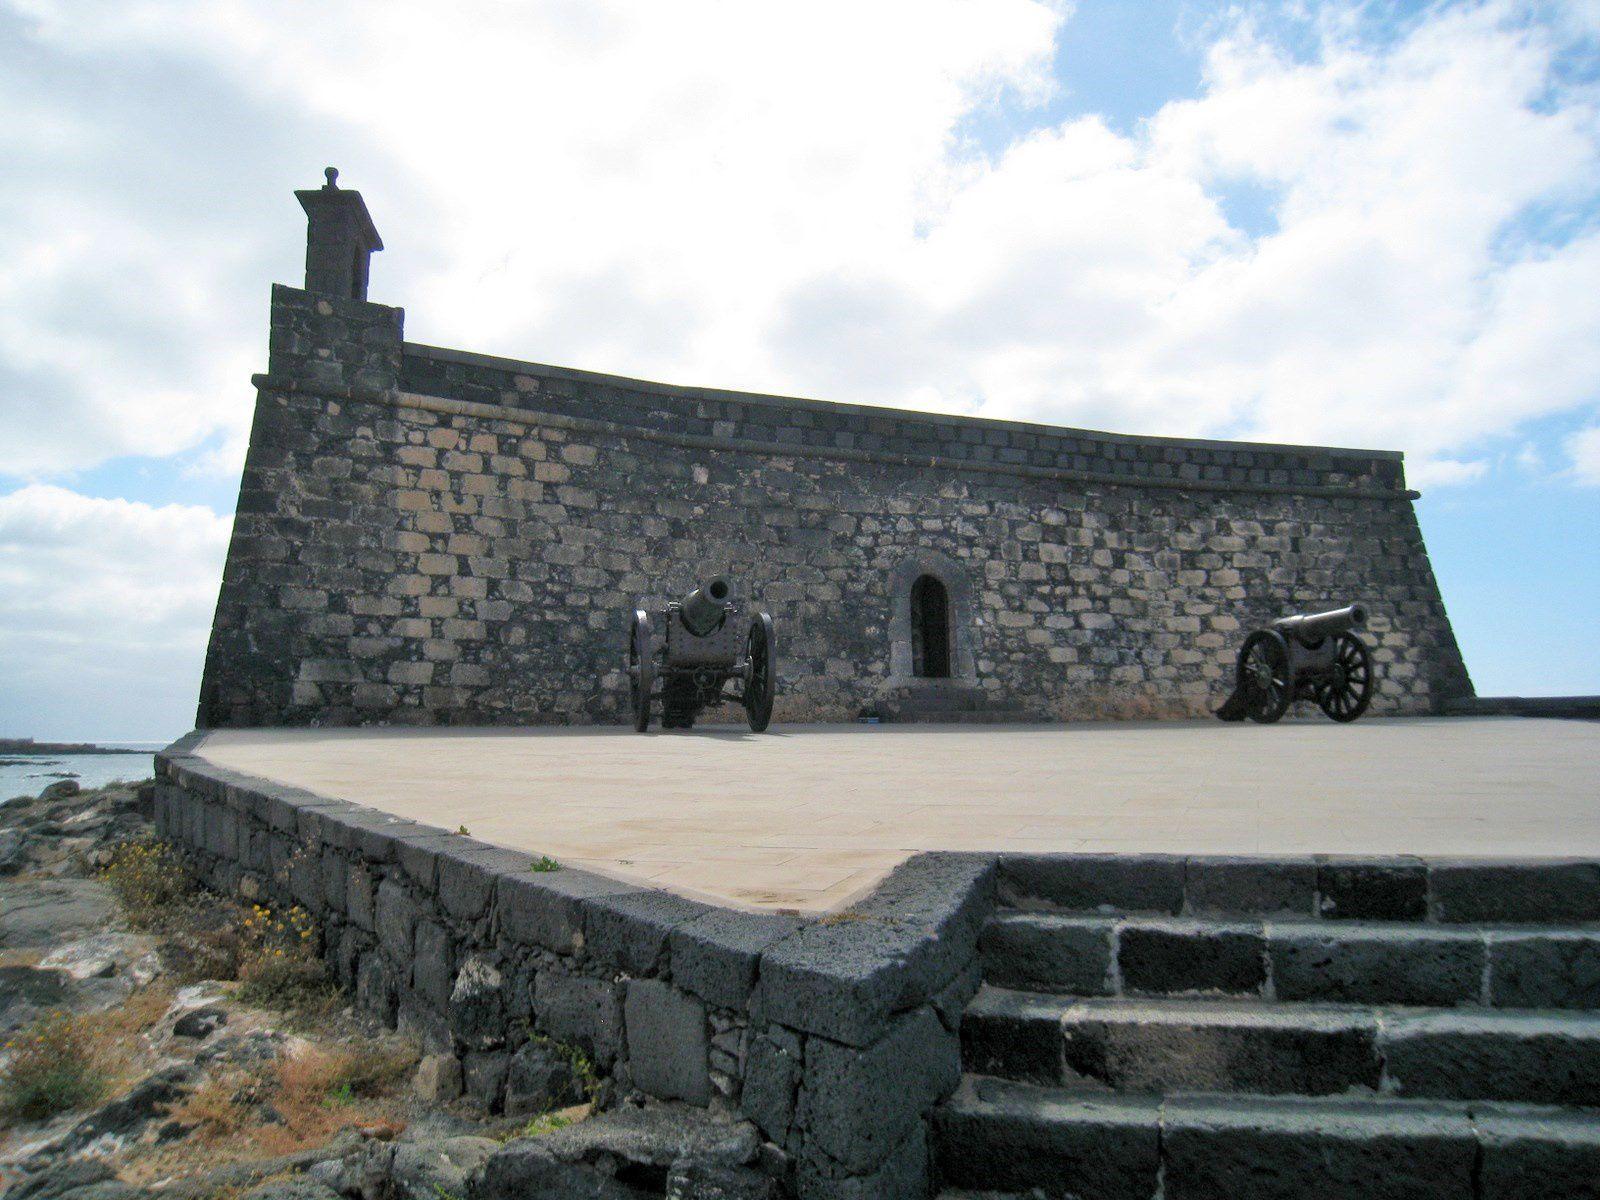 Castillo de San Gabriel, Arrecife (Île de Lanzarote)